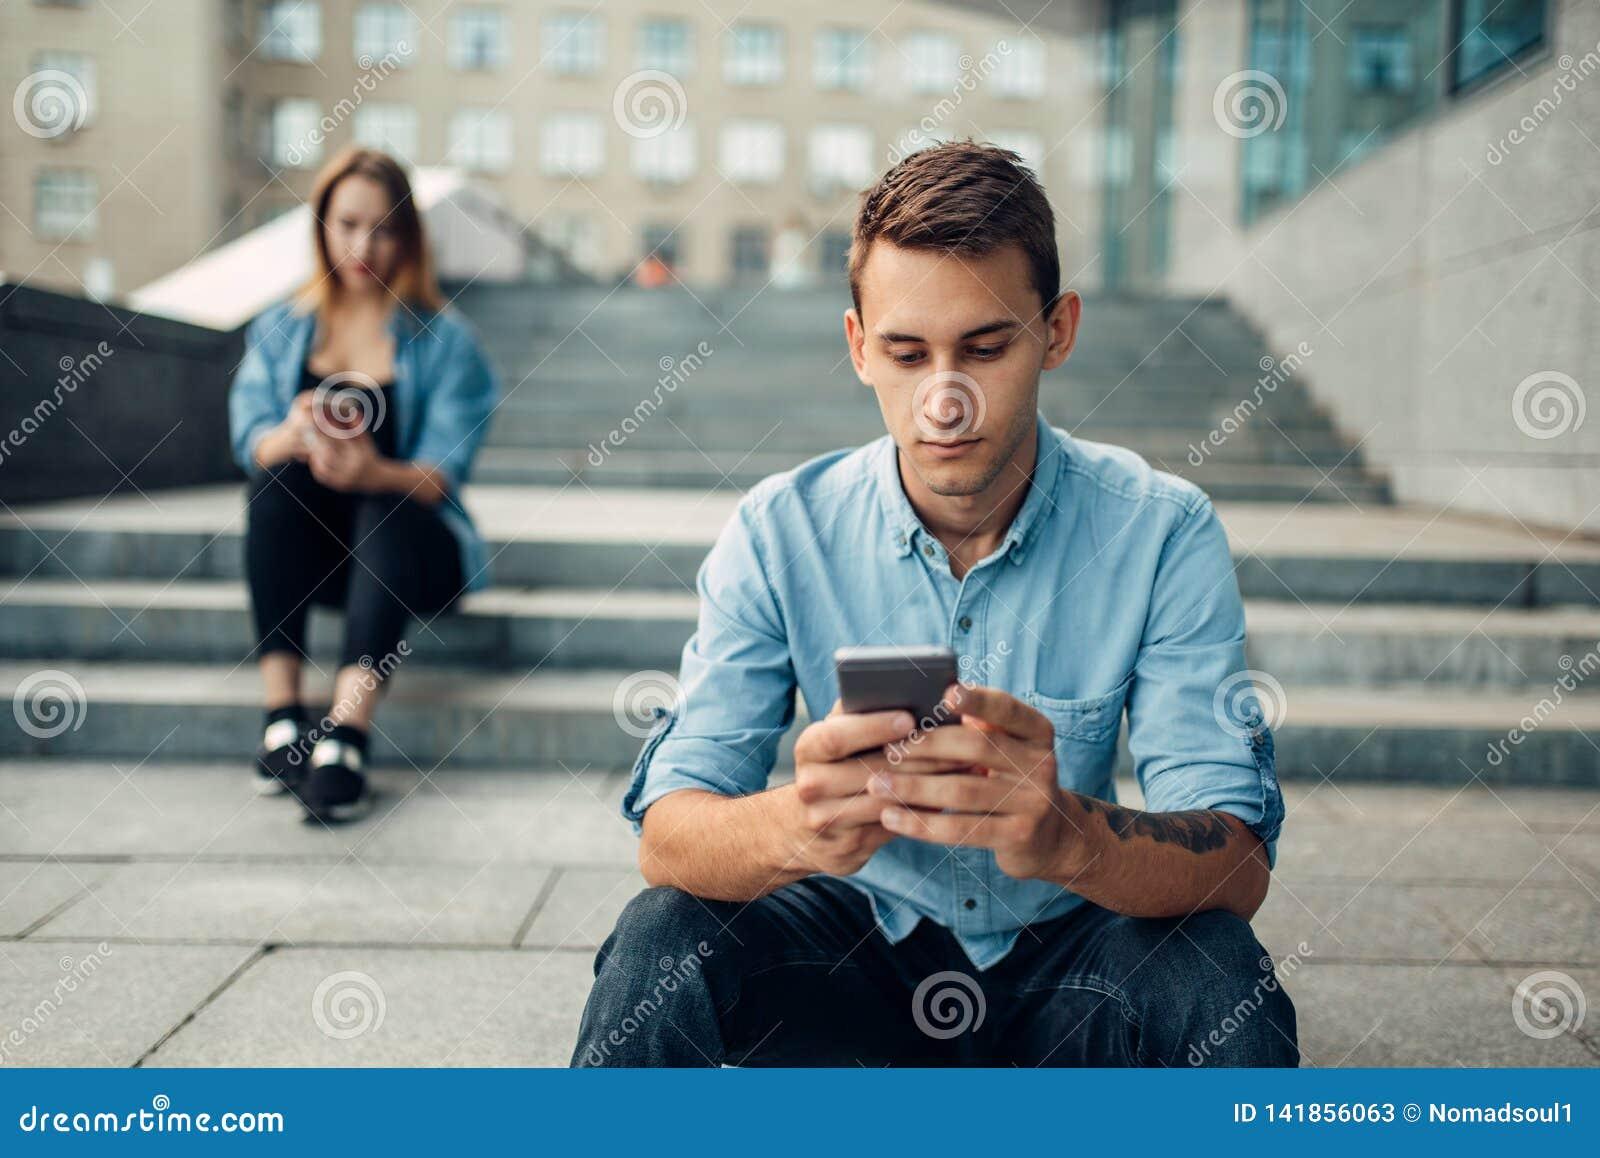 Telefoonverslaving, gewijde mensen, moderne levensstijl